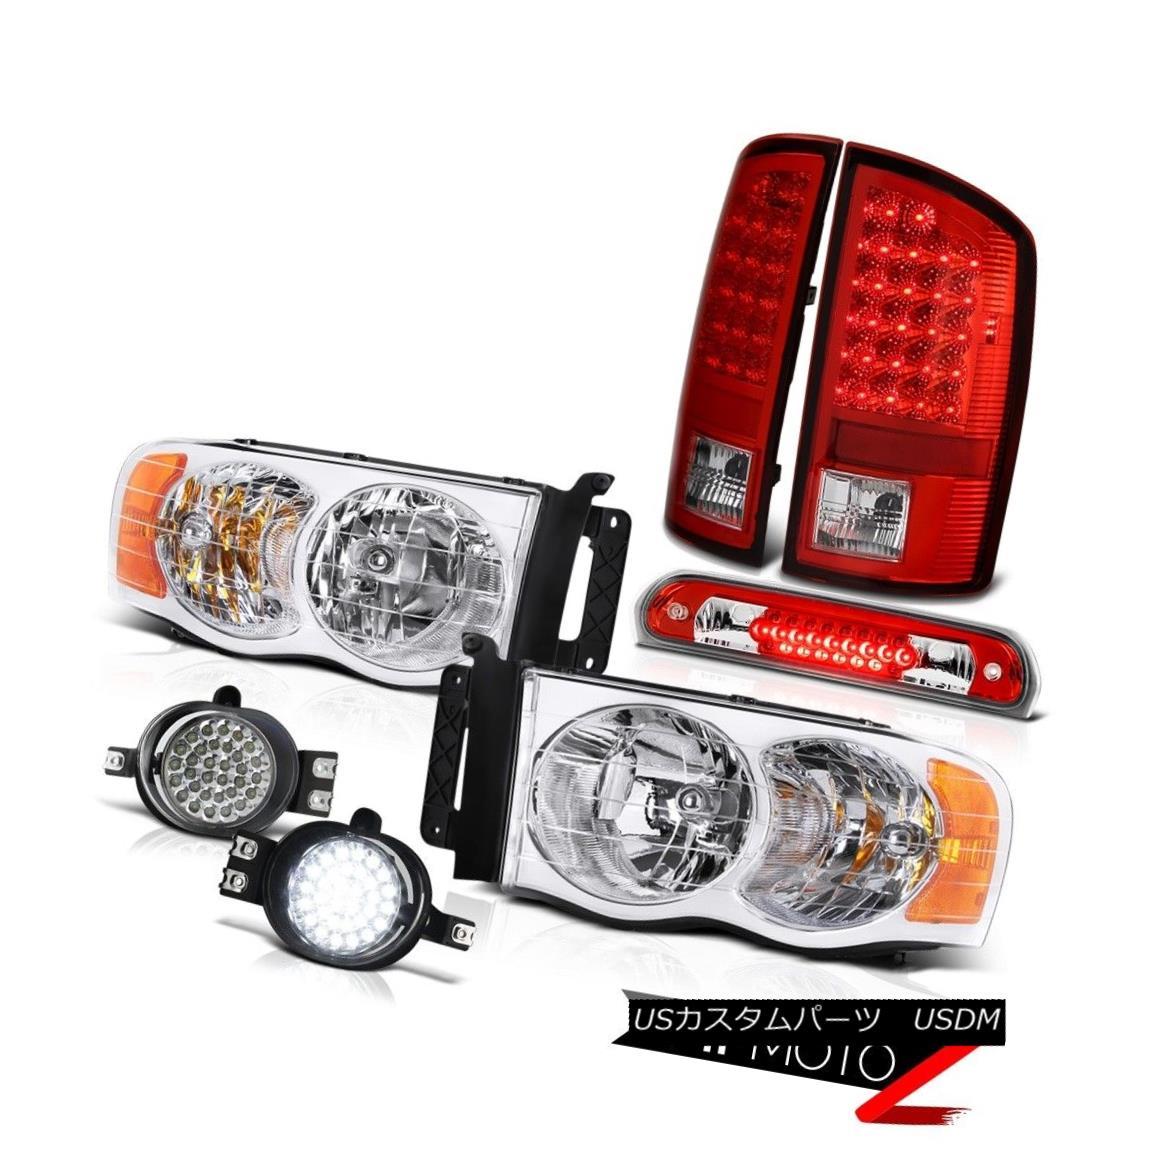 テールライト 02 03 04 05 Ram Magnum V8 Crystal Headlights LED Signal Tail Lights Bumper Fog 02 03 04 05ラムマグナムV8クリスタルヘッドライトLED信号テールライトバンパーフォグ